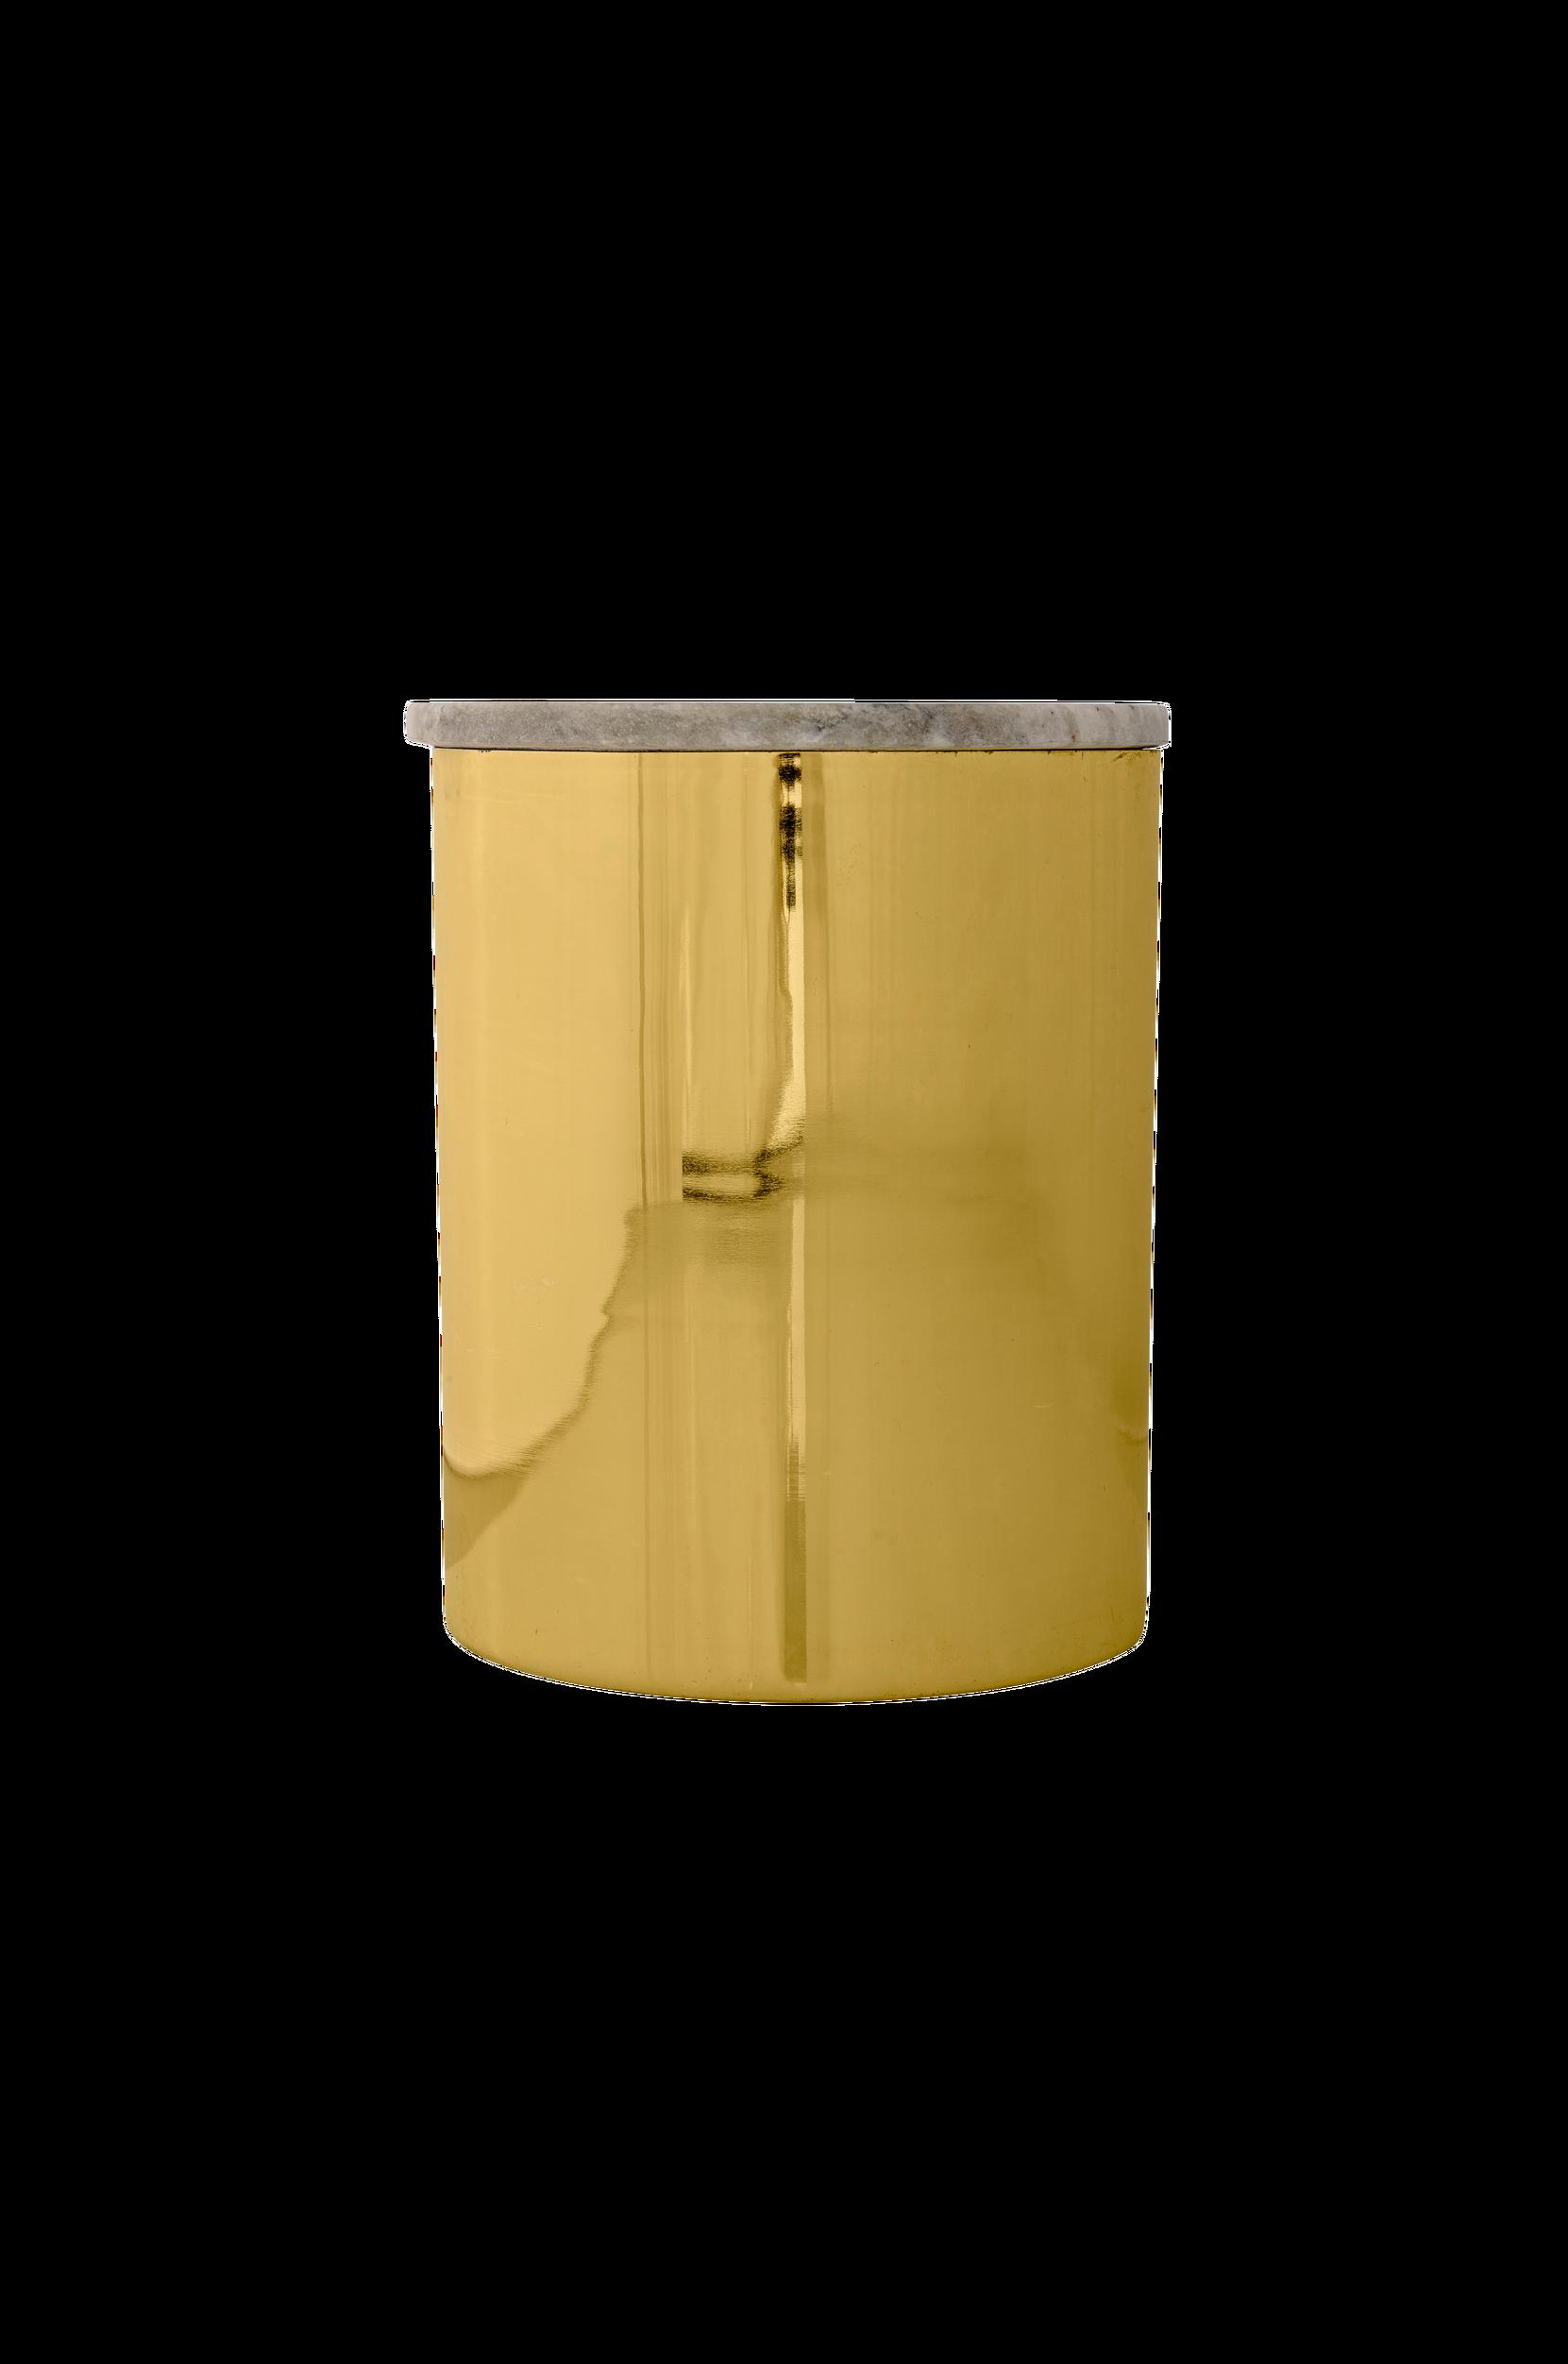 Krukke Jar Bloomingville Småopbevaring til Boligen i Guldfarvet